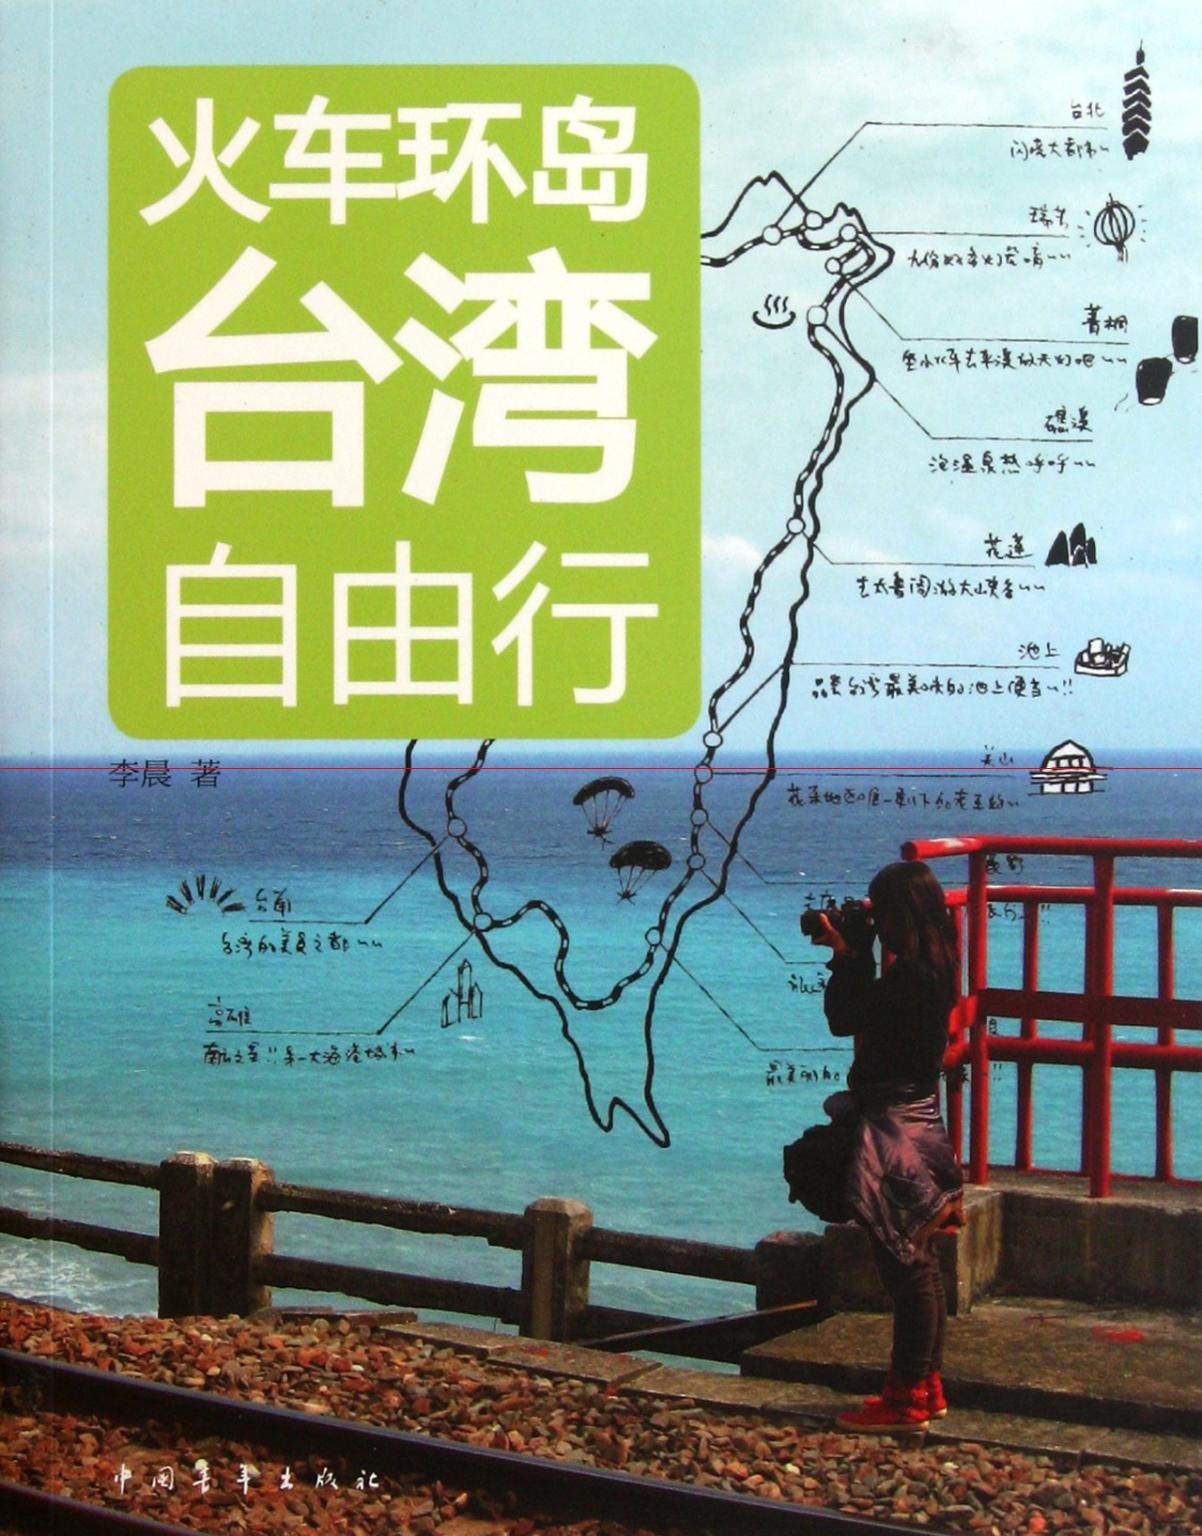 Train Travel around Taiwan (Chinese Edition)